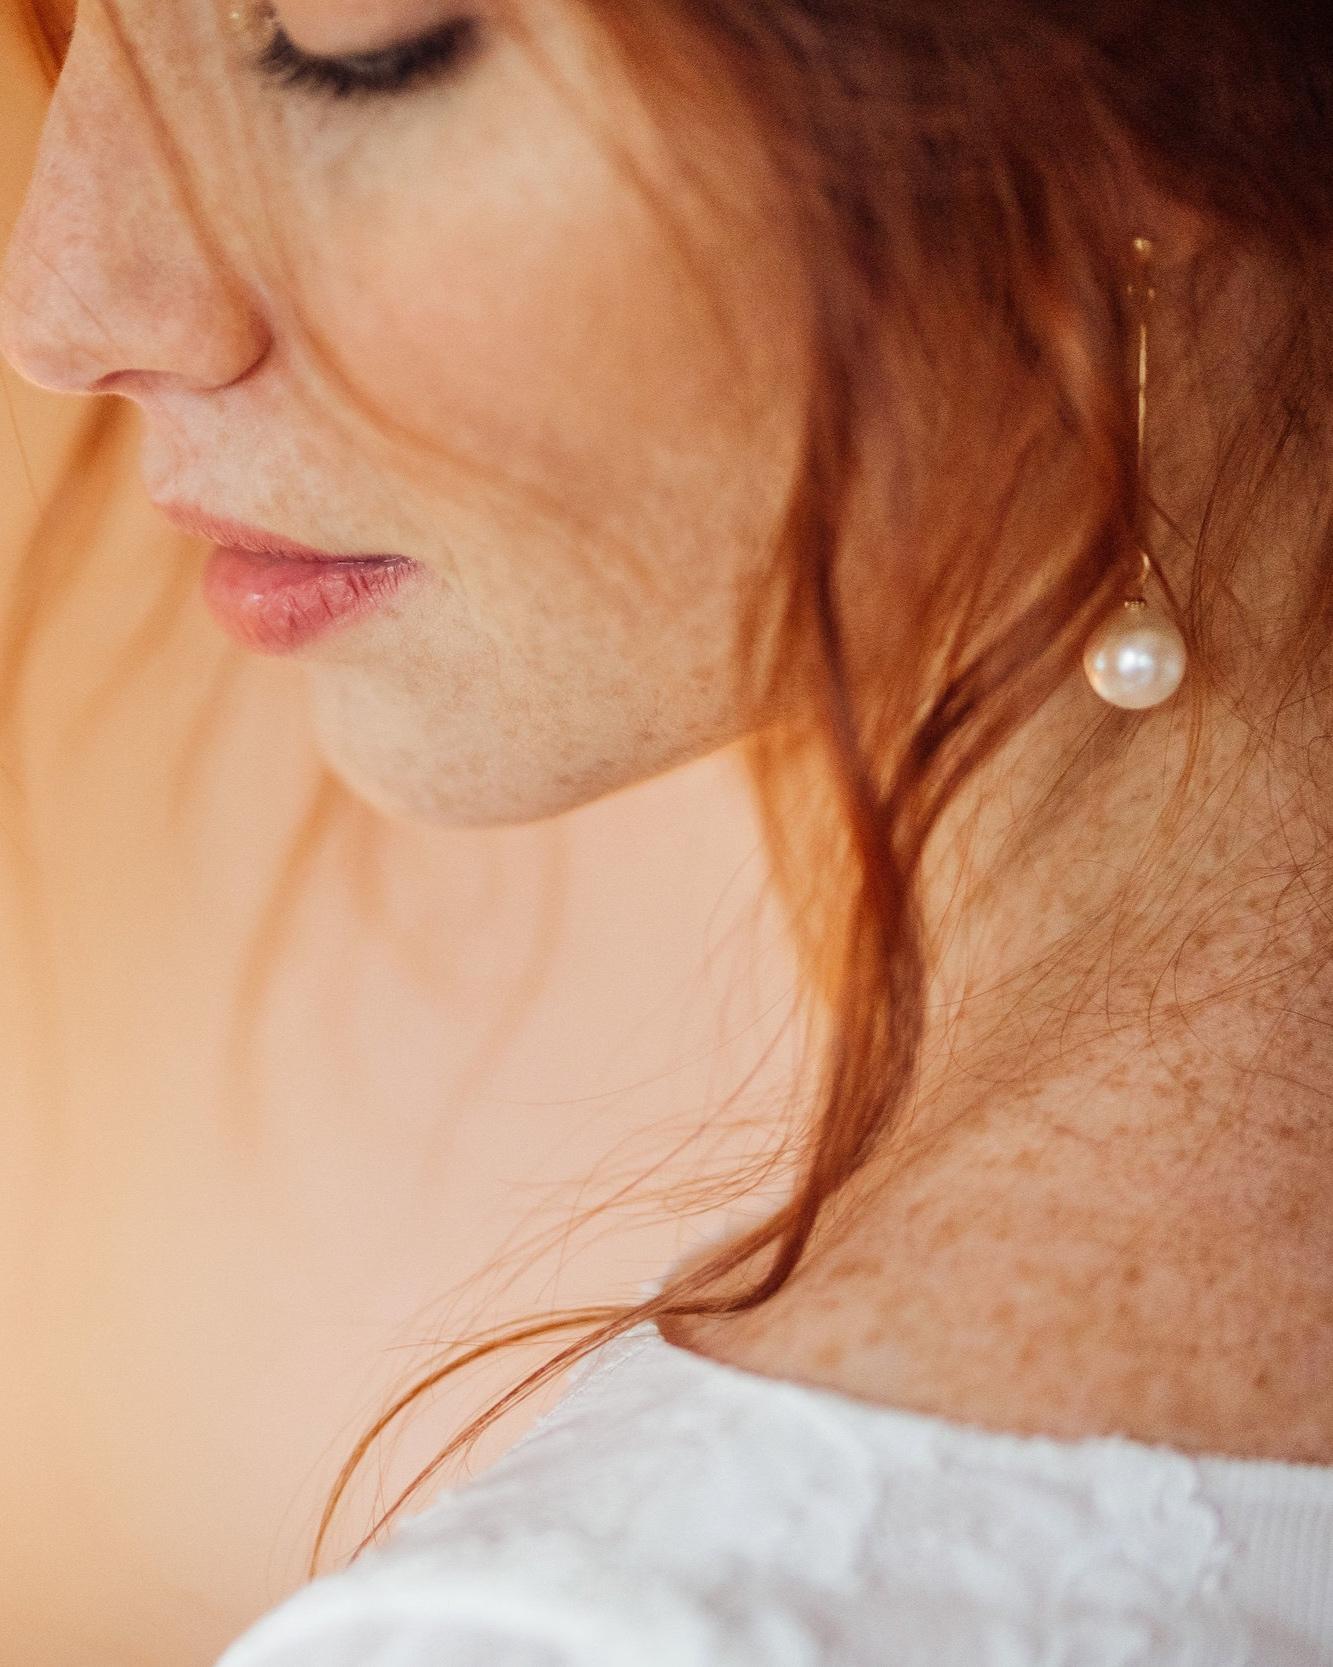 Les bijoux - Les indispensables pour le grand jour ! De nombreux détails (coiffure, maquillage) rendent une mariée magnifique. Les bijoux font partie de cette liste ! Vous trouverez des boucles d'oreilles, colliers, bijoux de tête, bracelets etc.Prix des bijoux: à partir de 20€